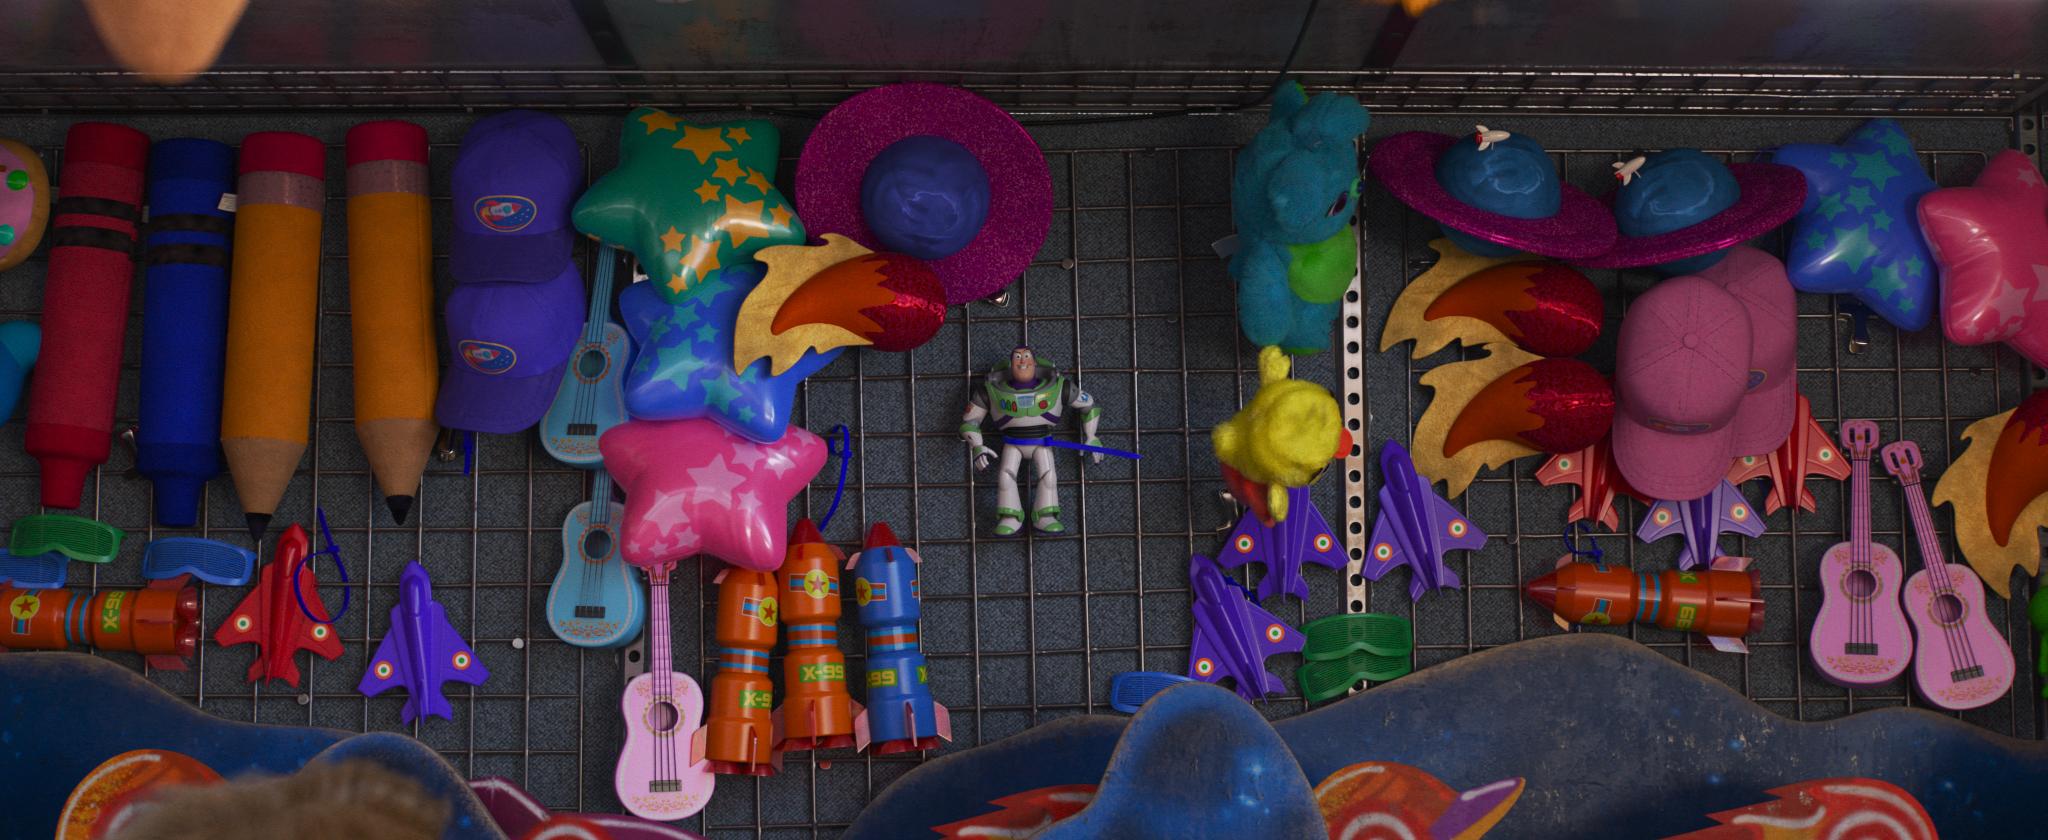 火箭玩具上的圖樣有玄機。(圖/迪士尼提供)